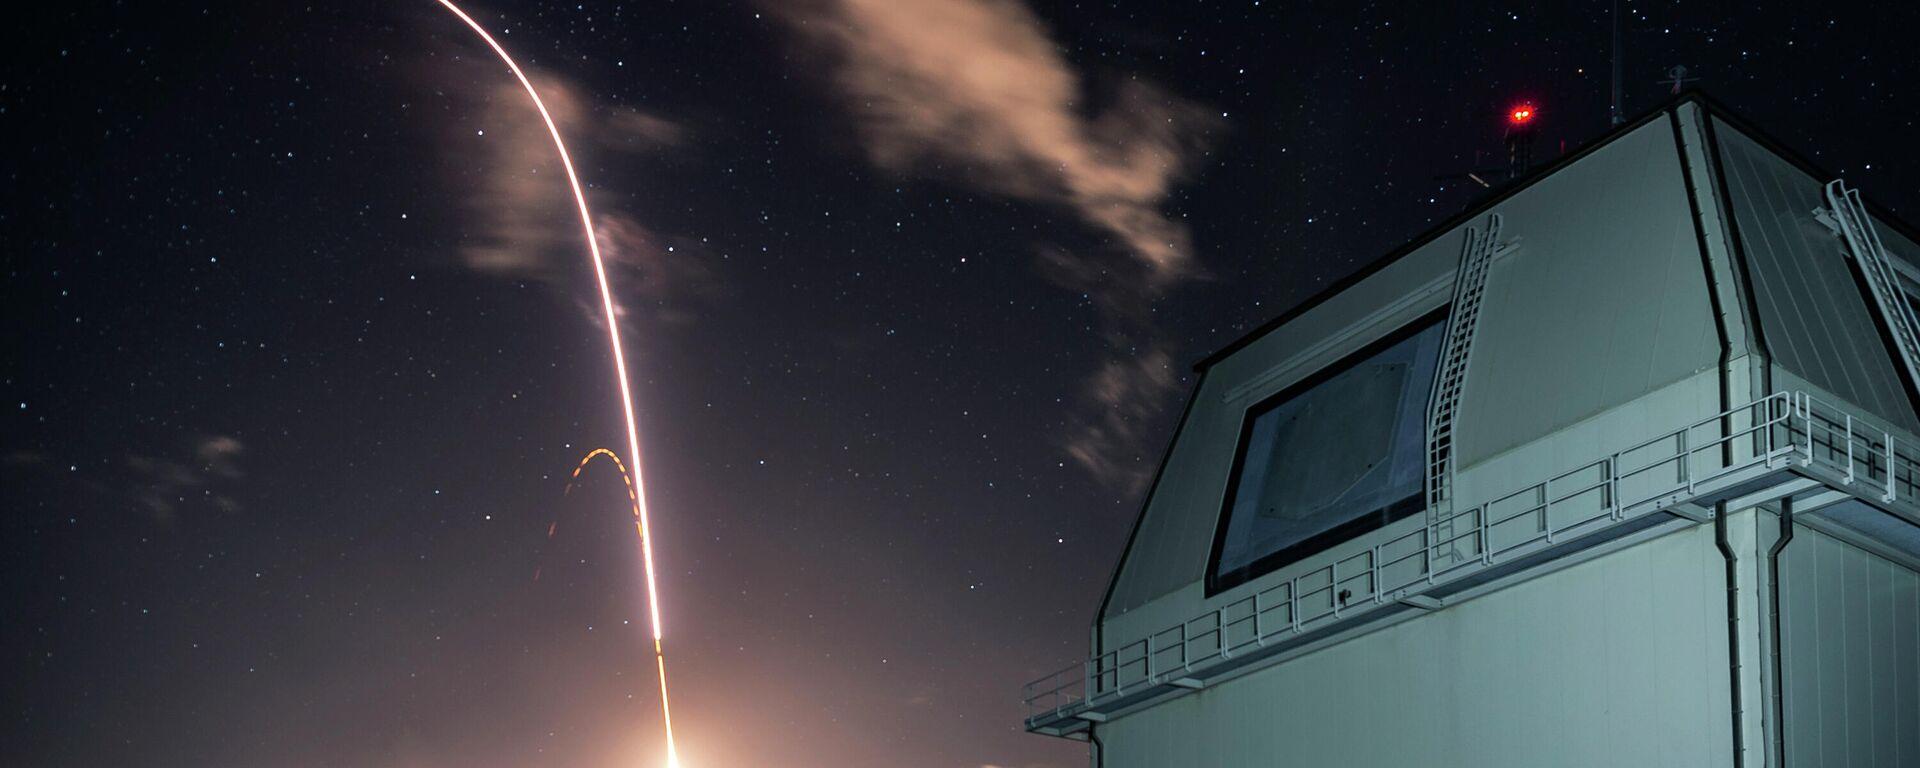 El lanzamiento del sistema de defensa antimisiles Aegis Ashore del Ejército de EEUU, en la isla de Kauai en Hawai - Sputnik Mundo, 1920, 05.03.2021